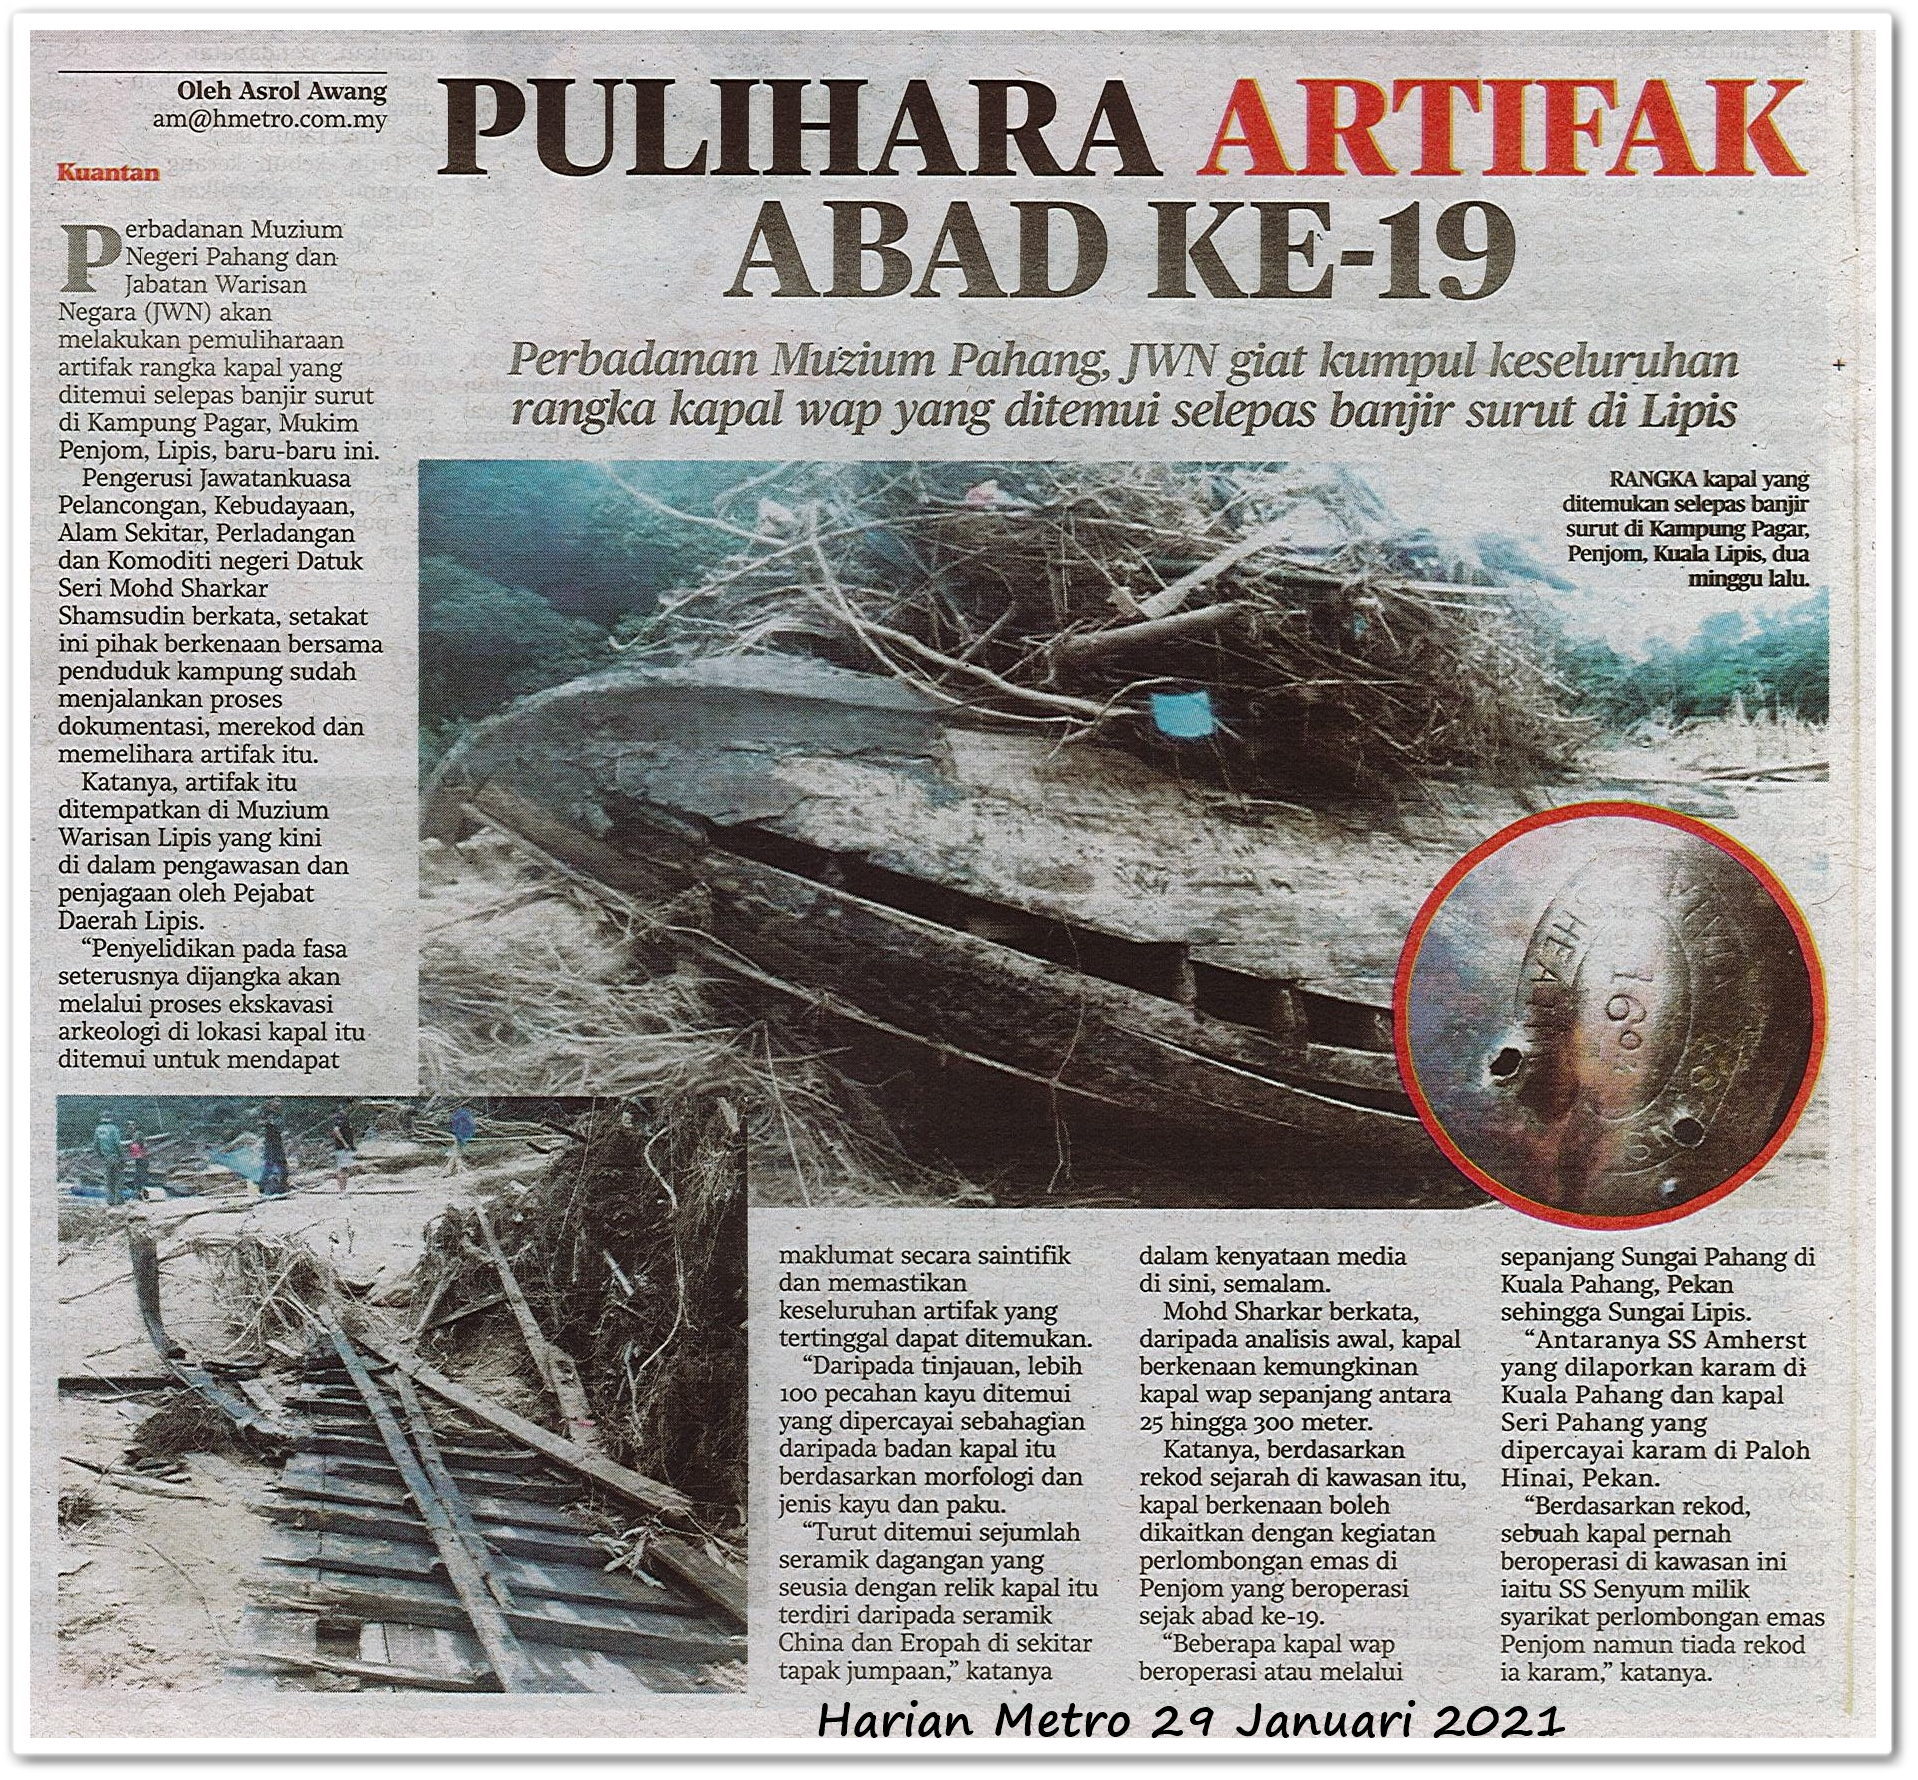 Pulihara artifak abad ke-19 - Keratan akhbar Harian Metro 29 Januari 2021